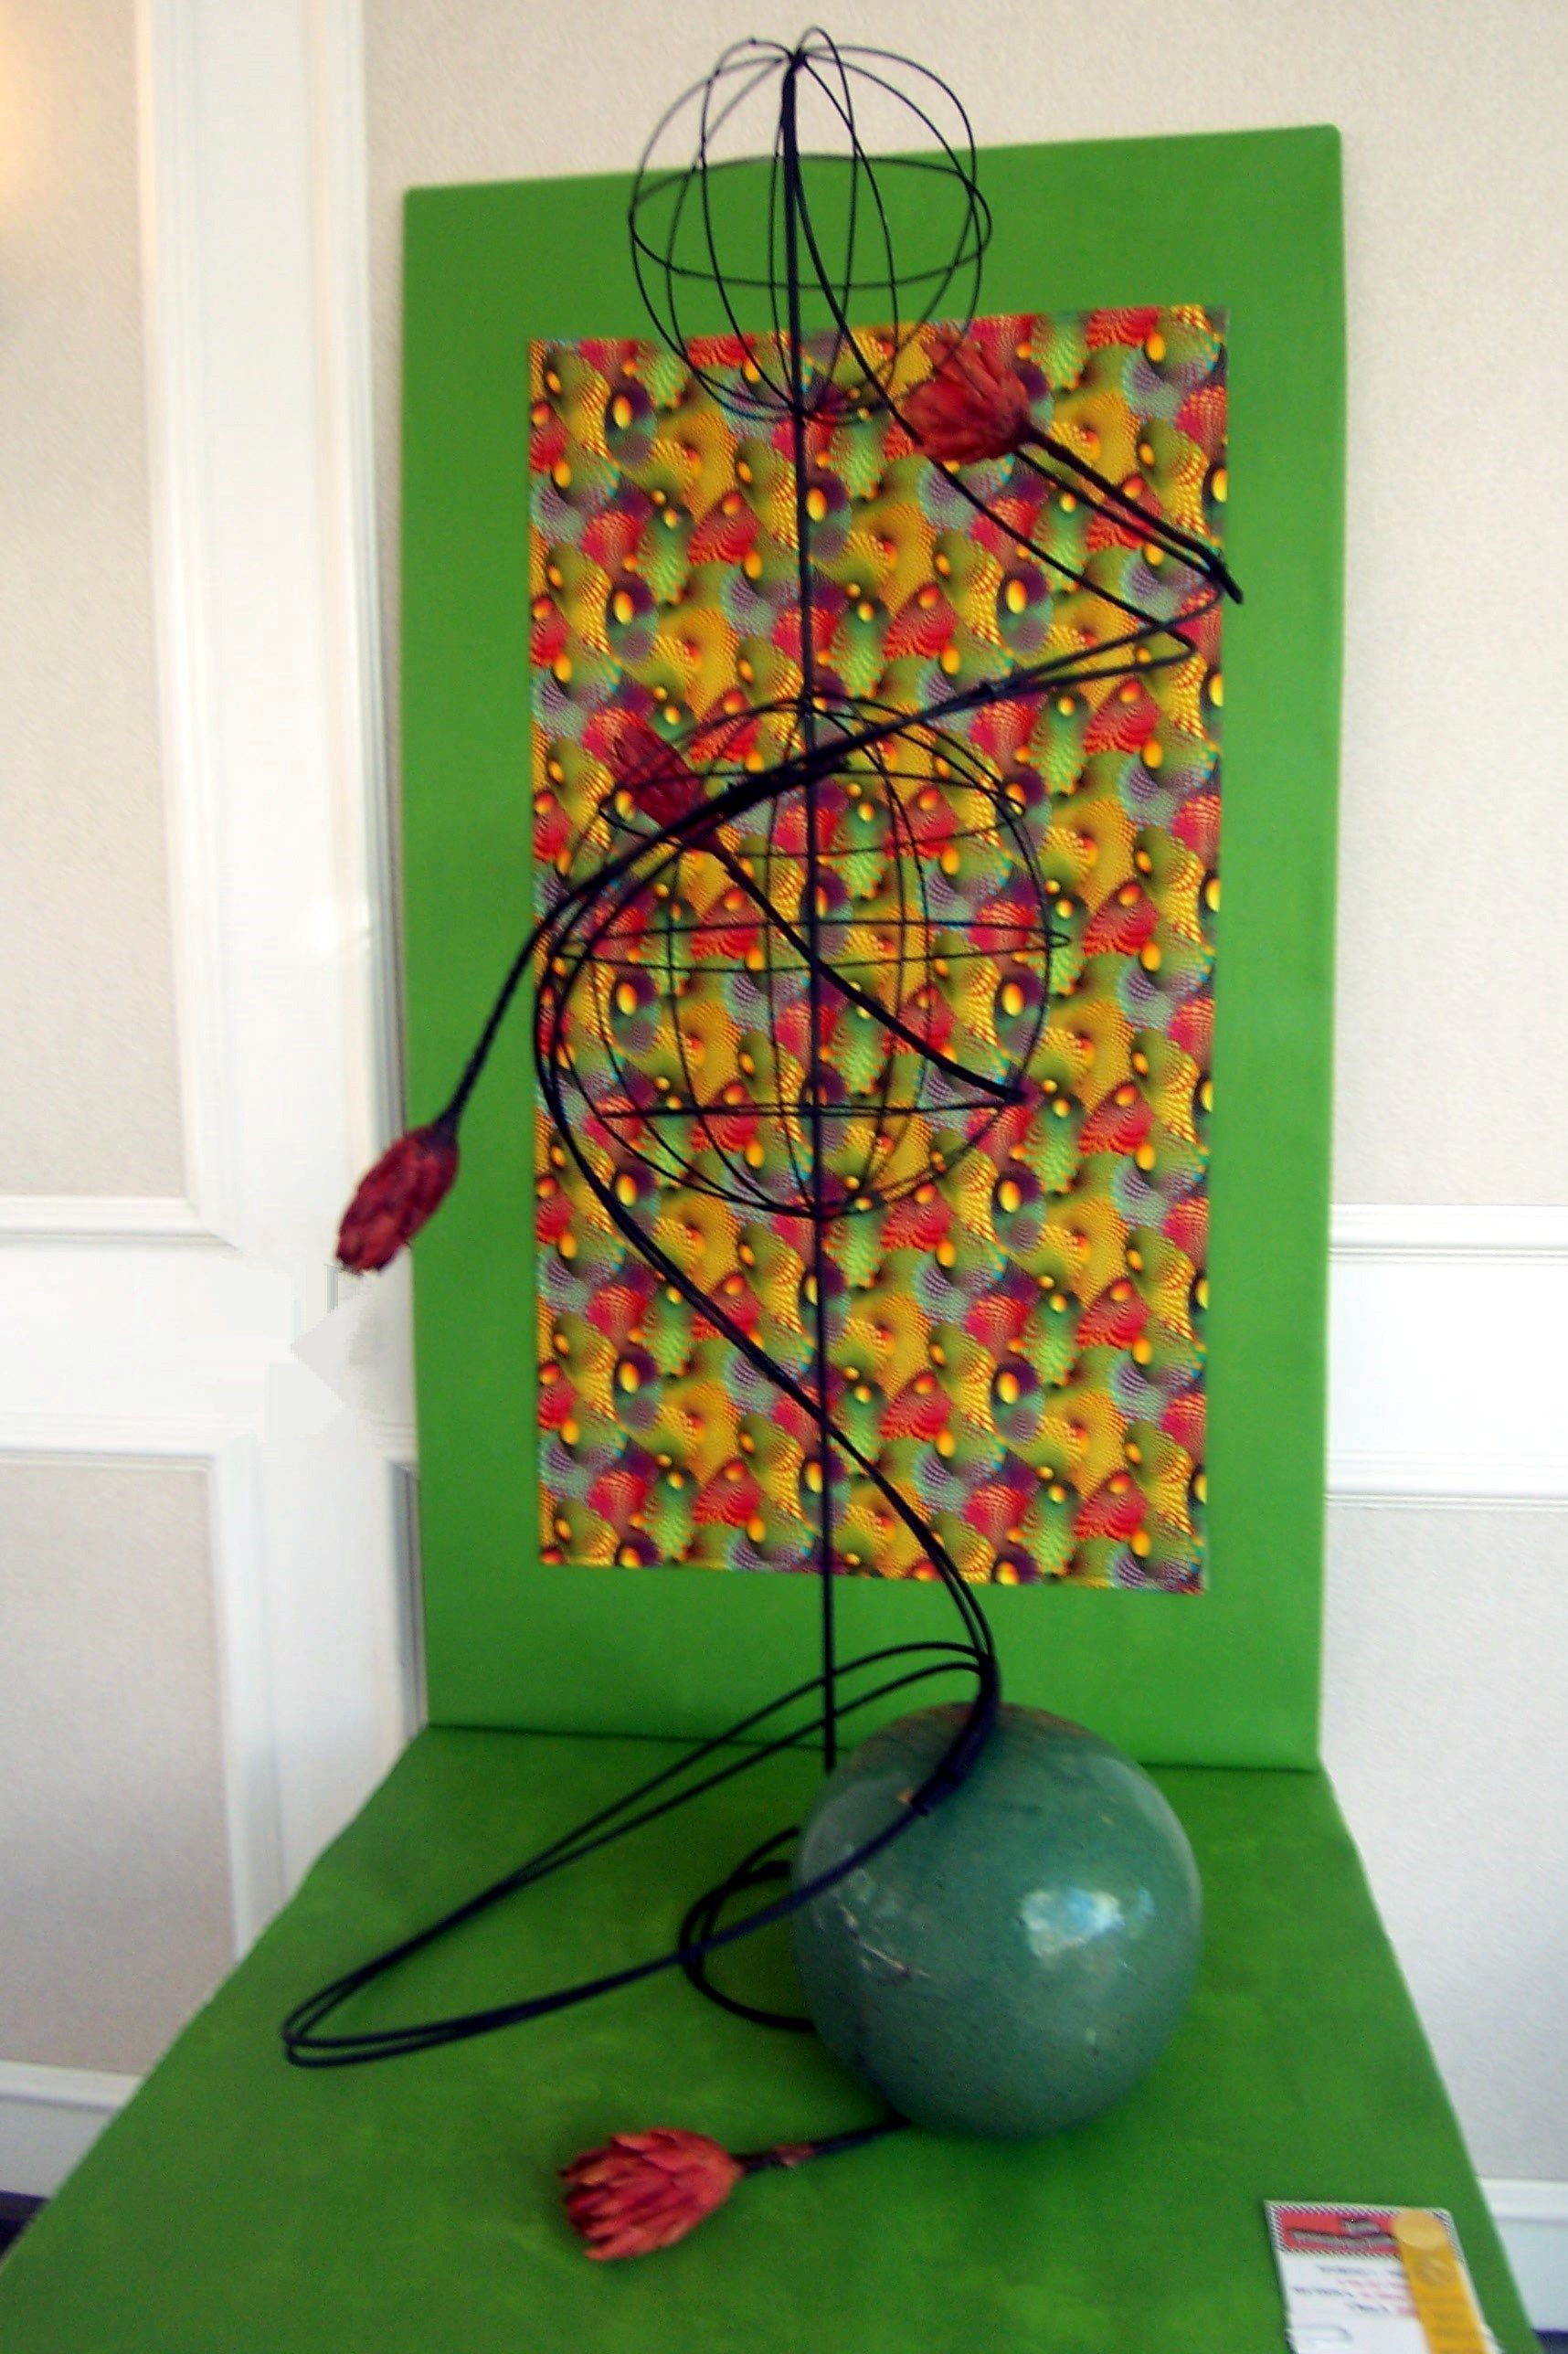 2013 Yellow Daisy Flower Show - Stone Mountain Georgia Op Art Design Floral Op-art